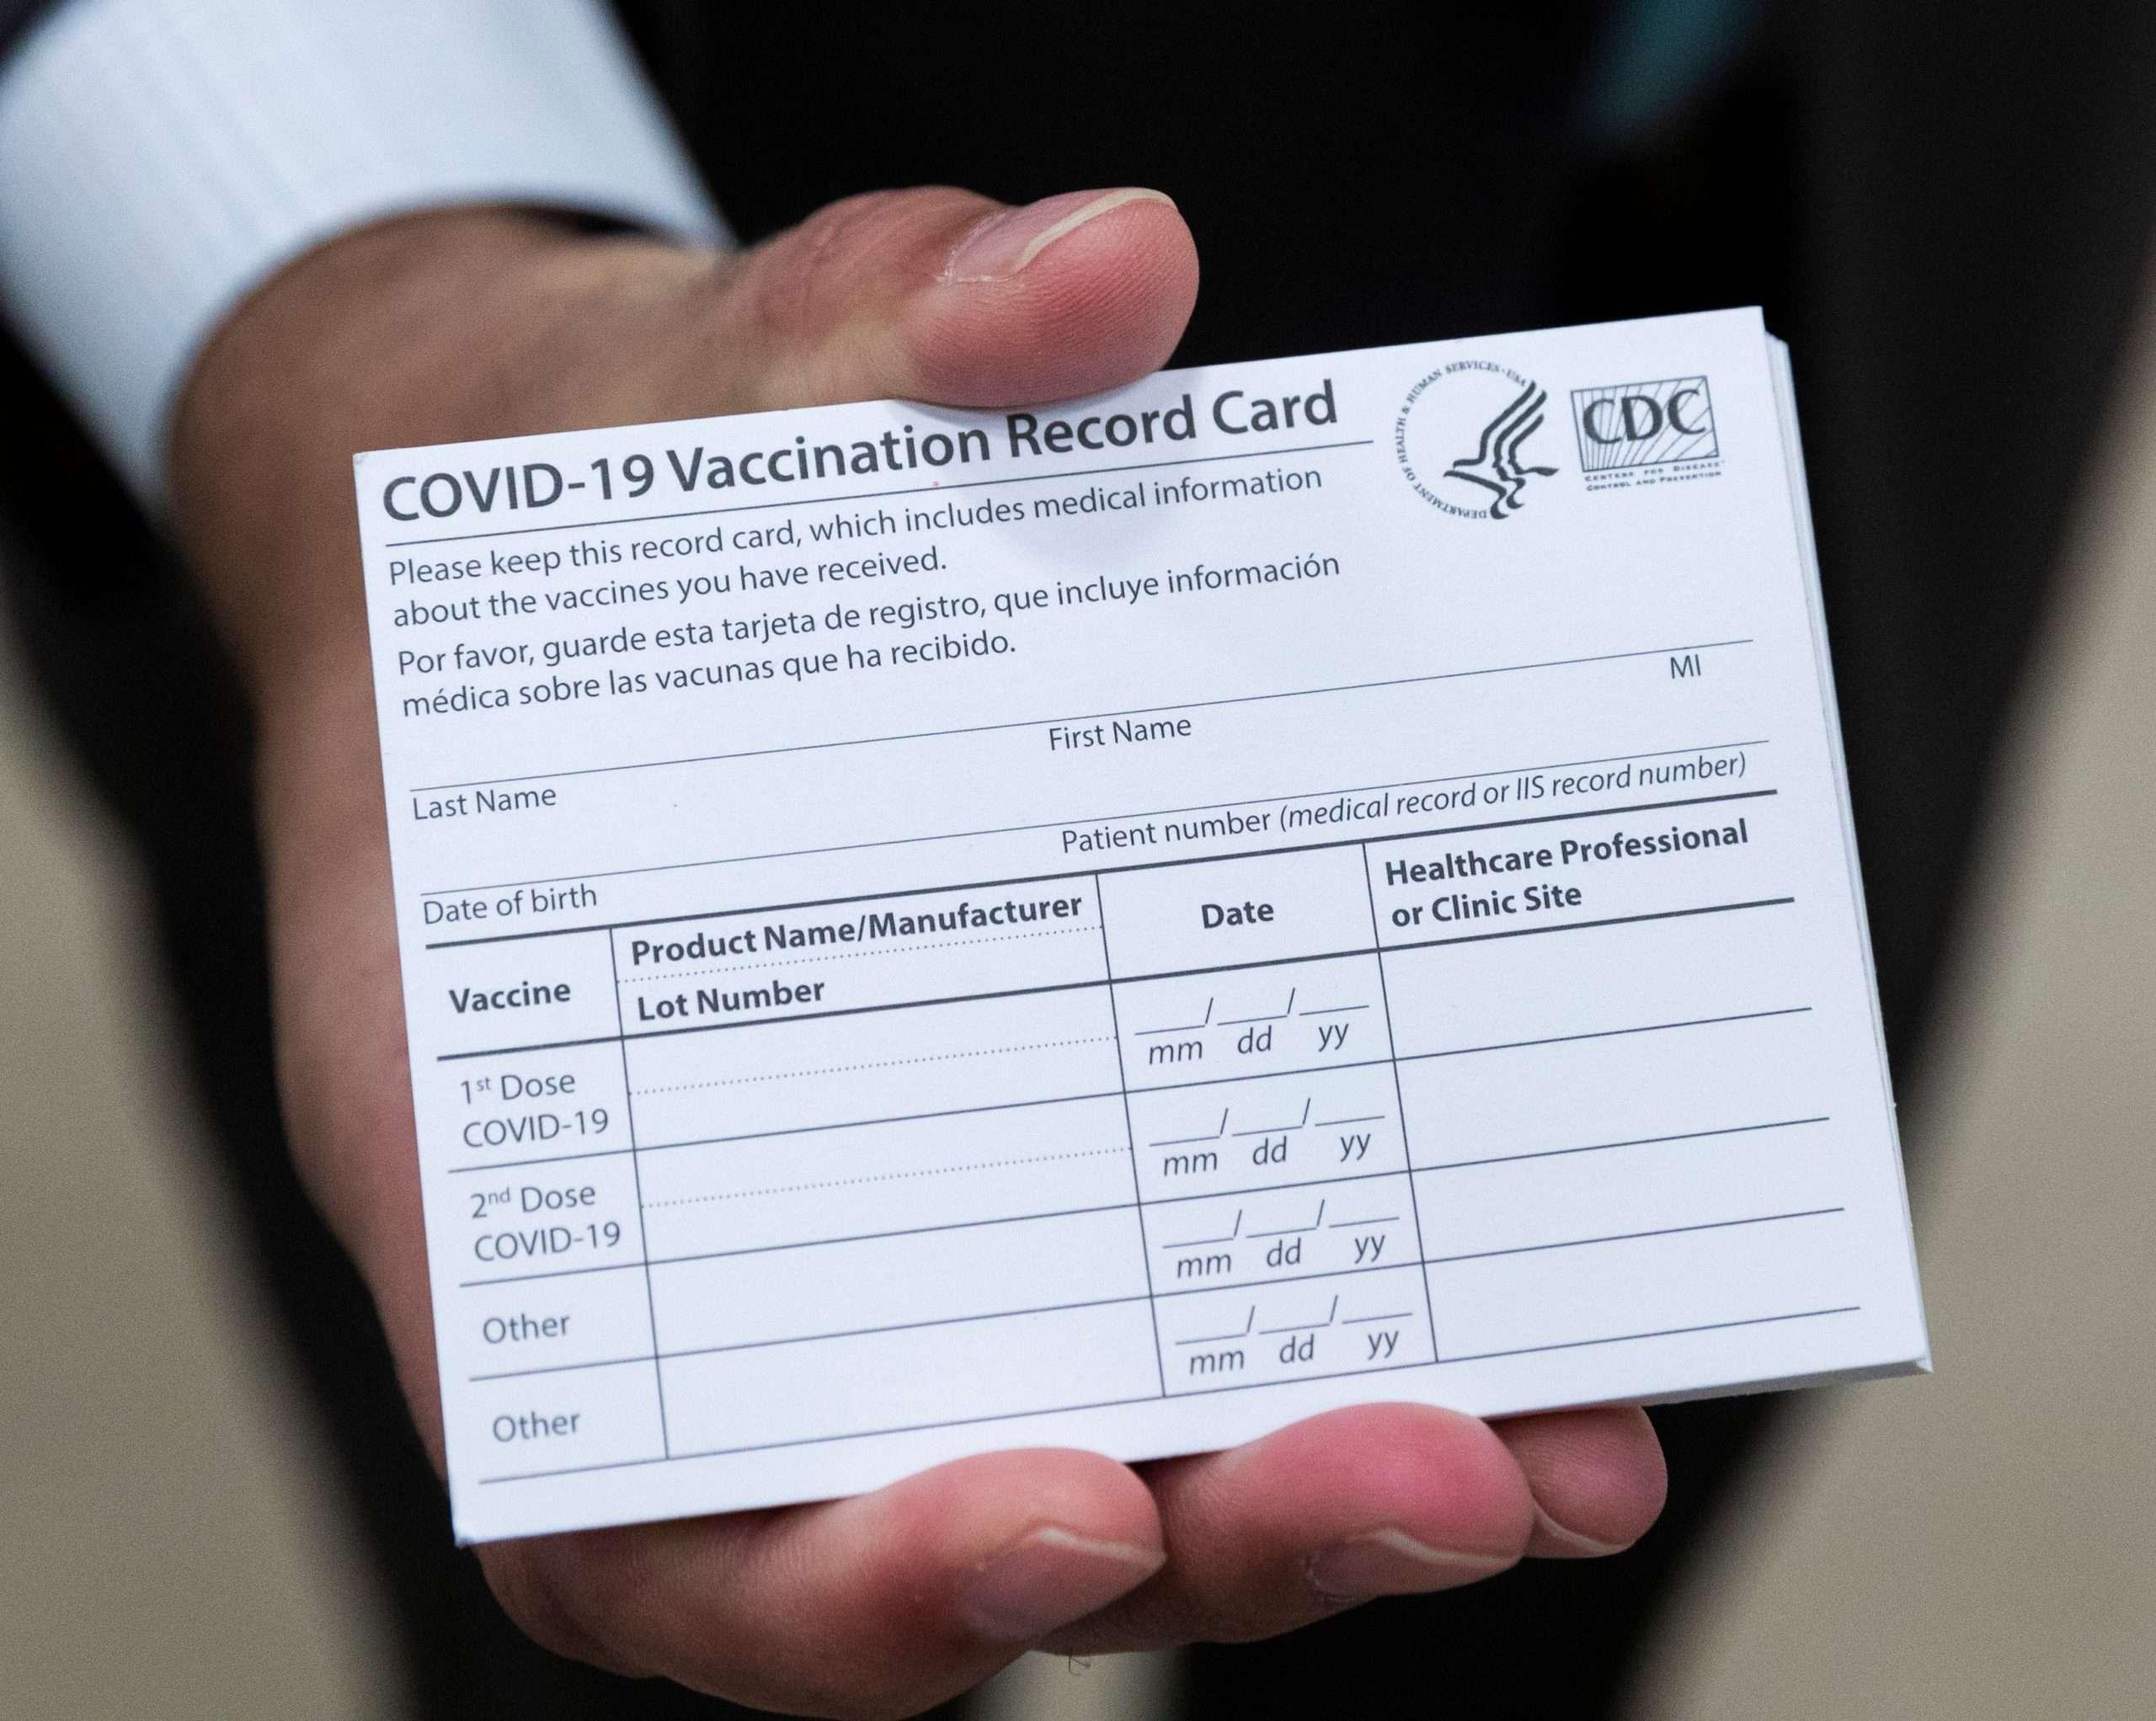 USCIS zvanično potvrdio zahtev CDC-a. Svi kandidati za zelenu kartu od 1. oktobra moraju biti  u potpunosti vakcinisani